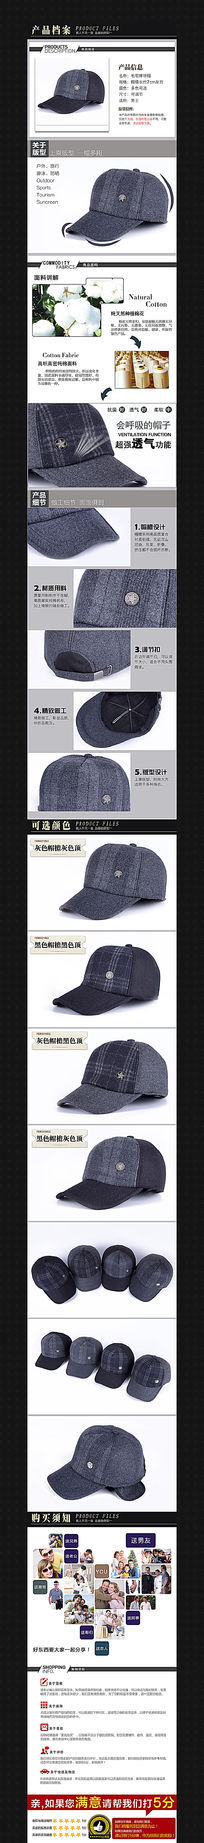 淘宝天猫棒球帽详情页设计